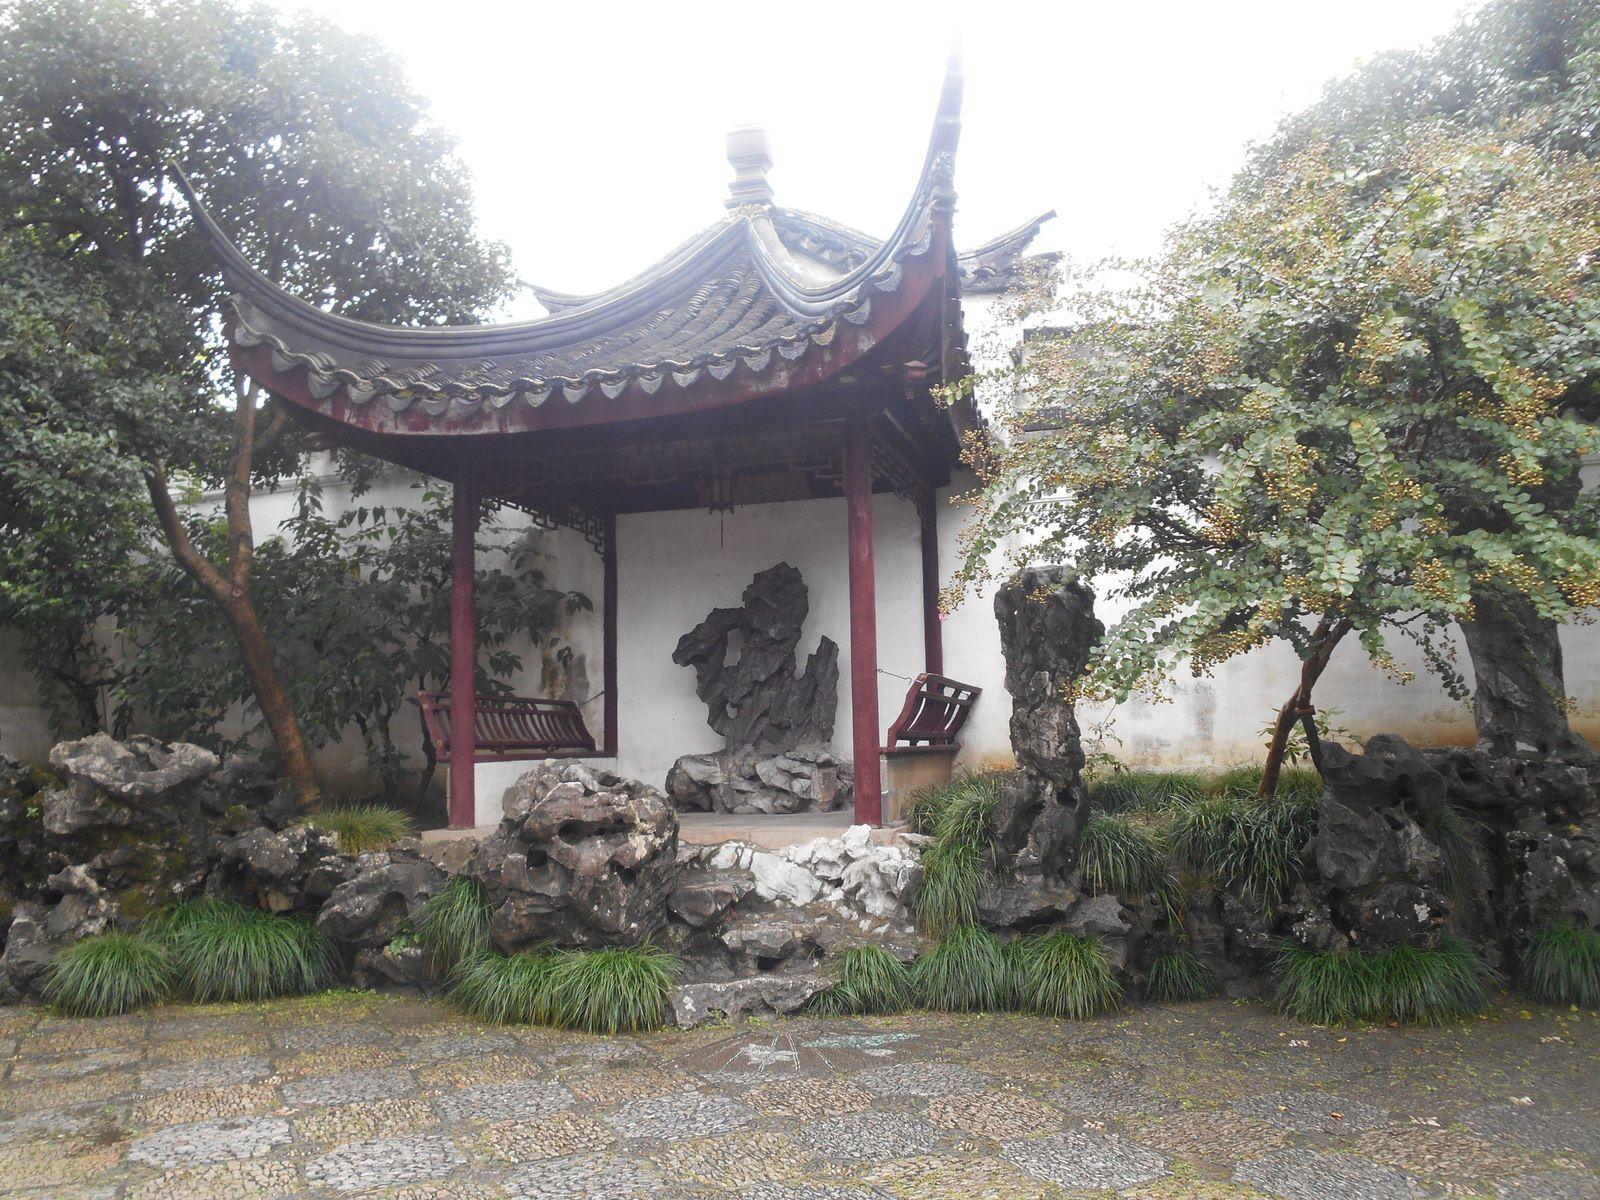 Chine: jour 15 - Suzhou